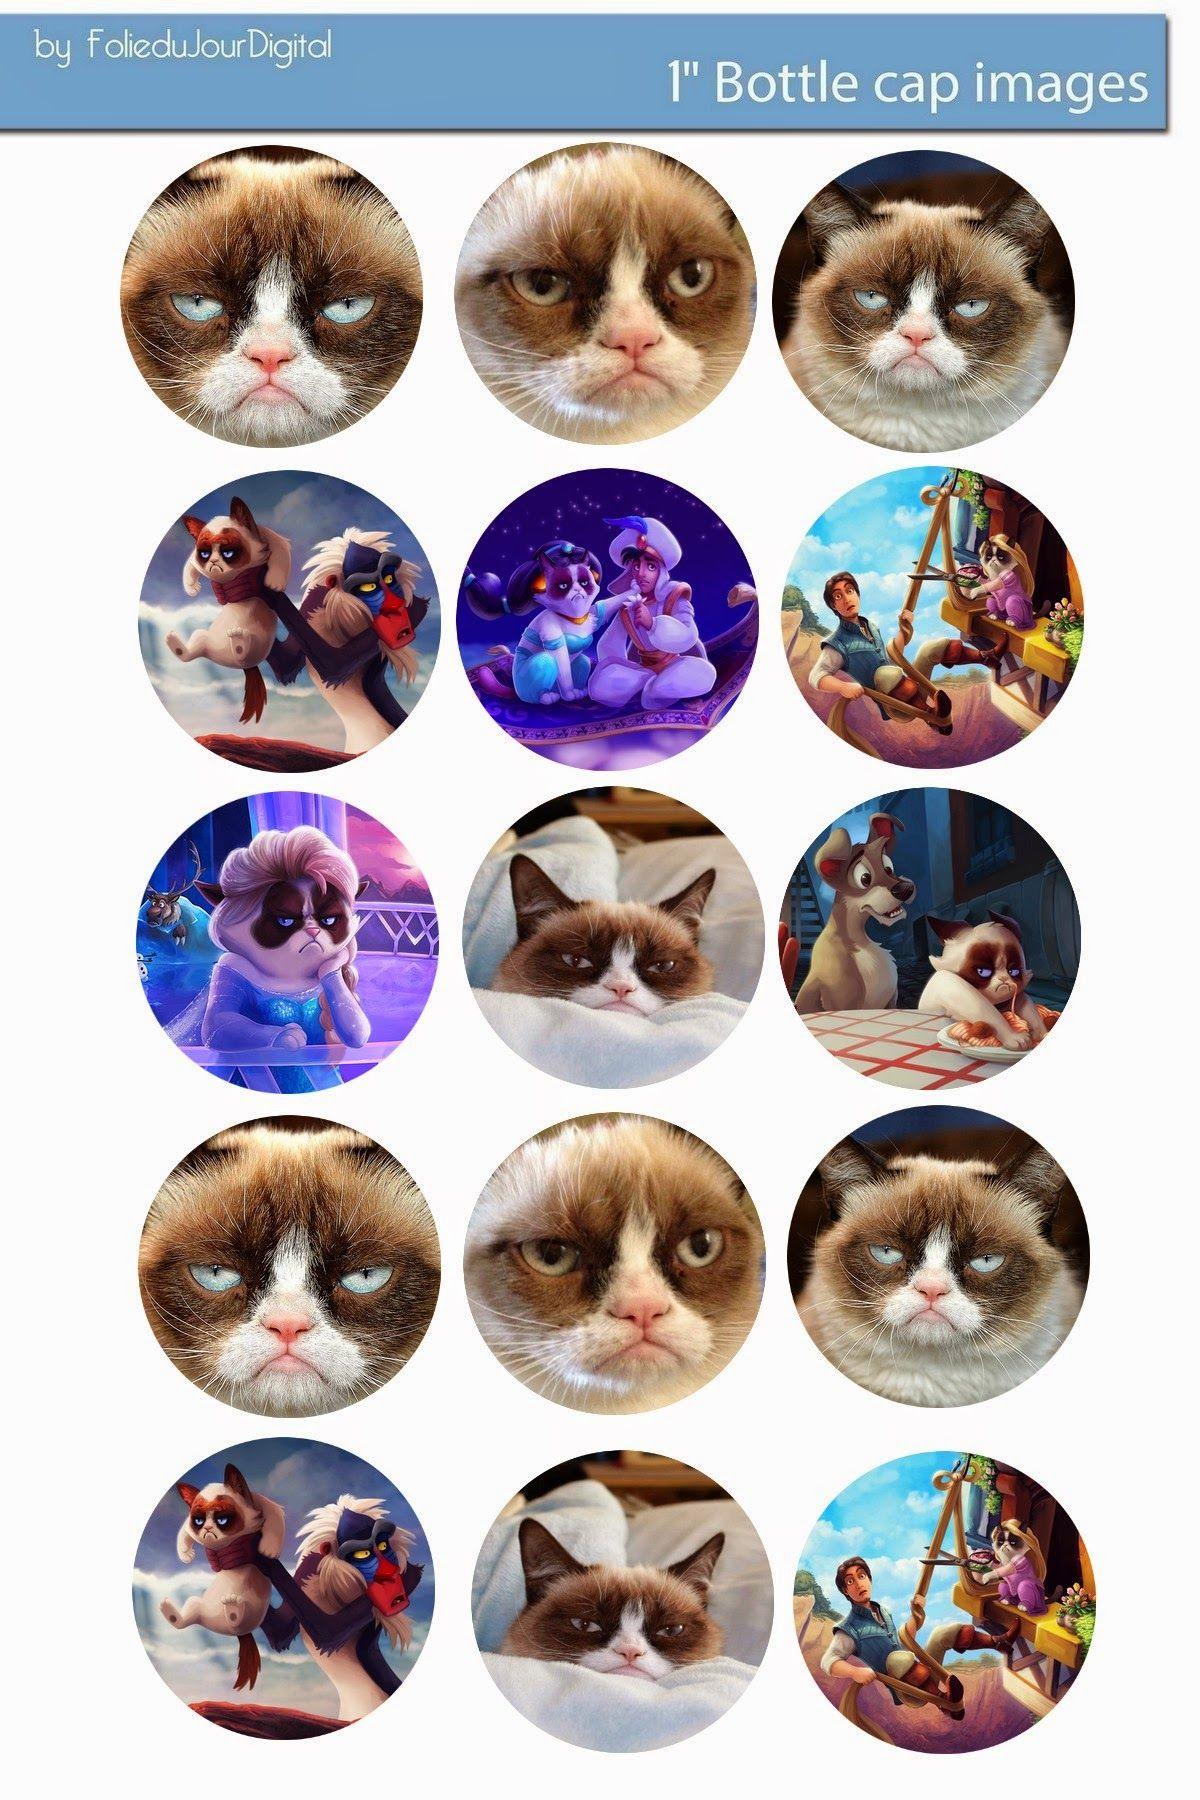 """Folie du Jour Bottle Cap Images: Grumpy Cat free digital bottle cap images 1"""""""